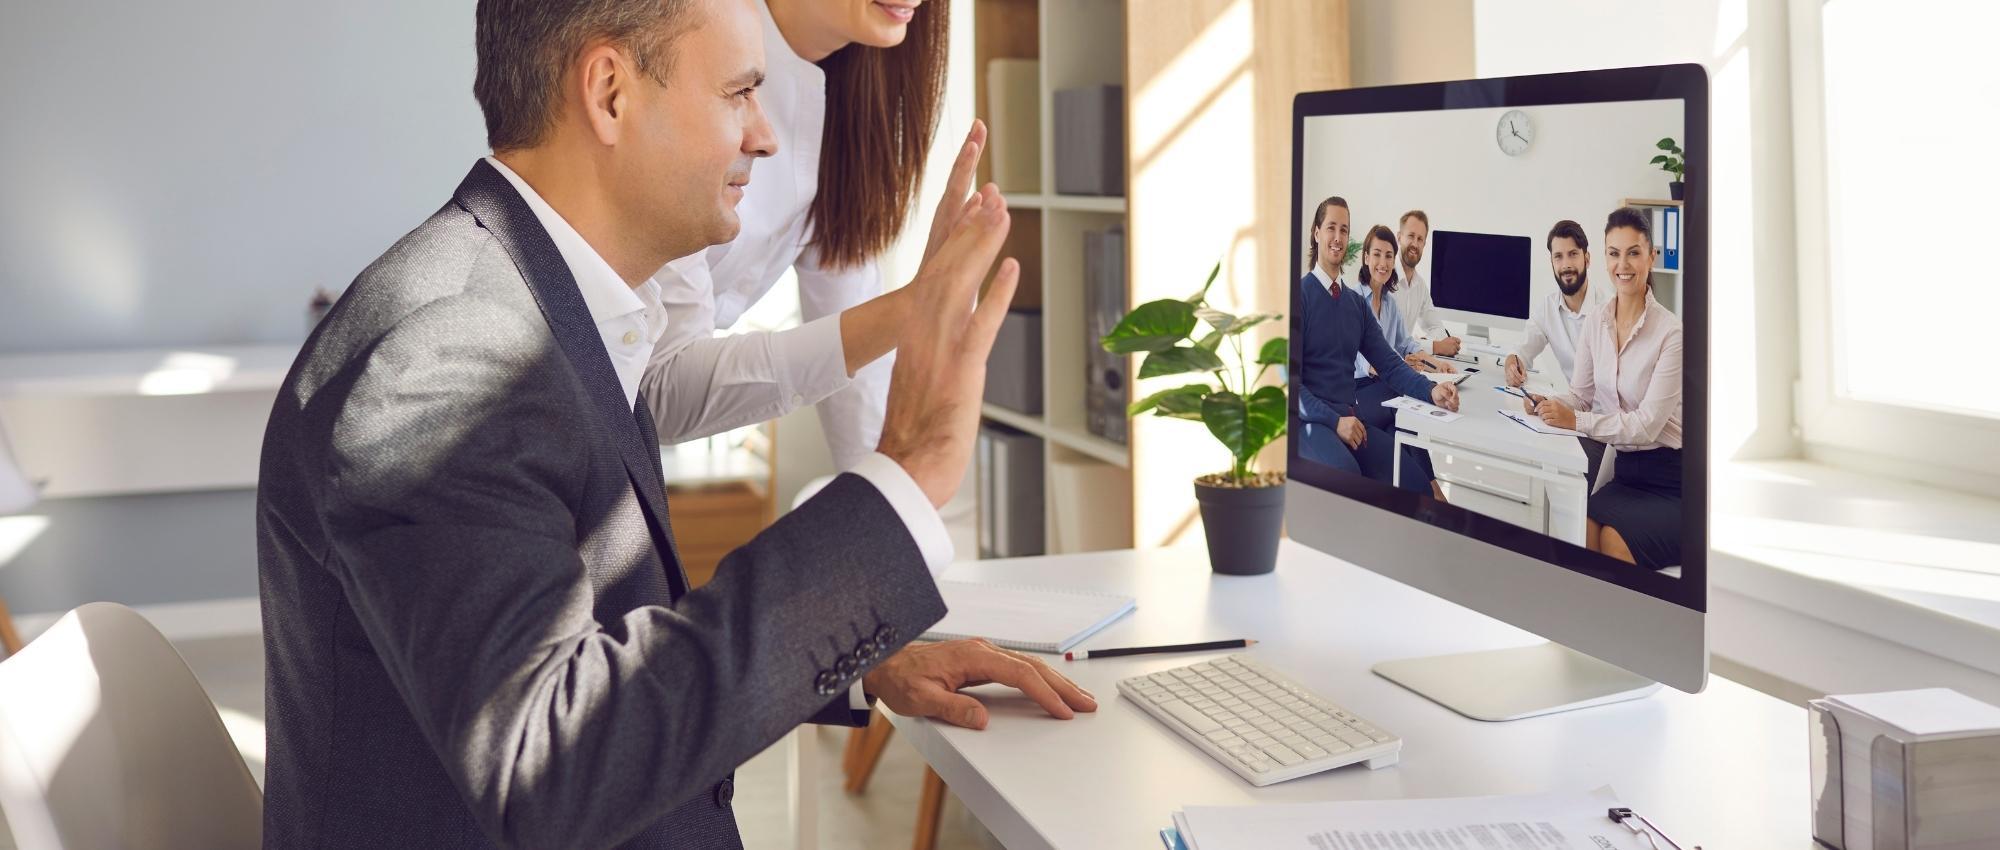 virtual-teambuilding-for-remote-teams